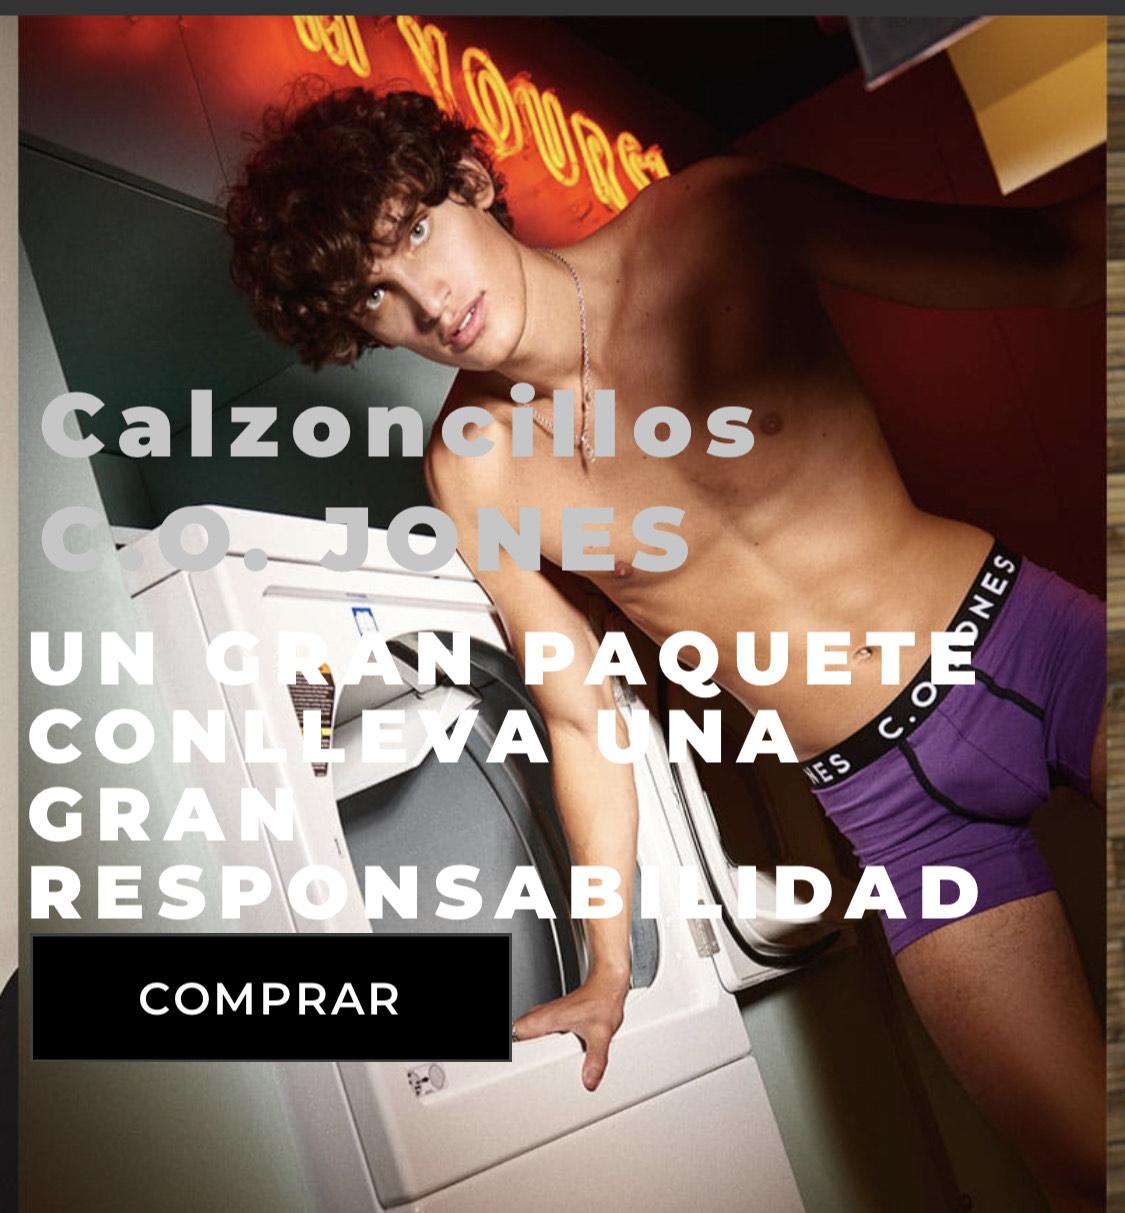 Calzoncillos Bóxer C.O. JONES